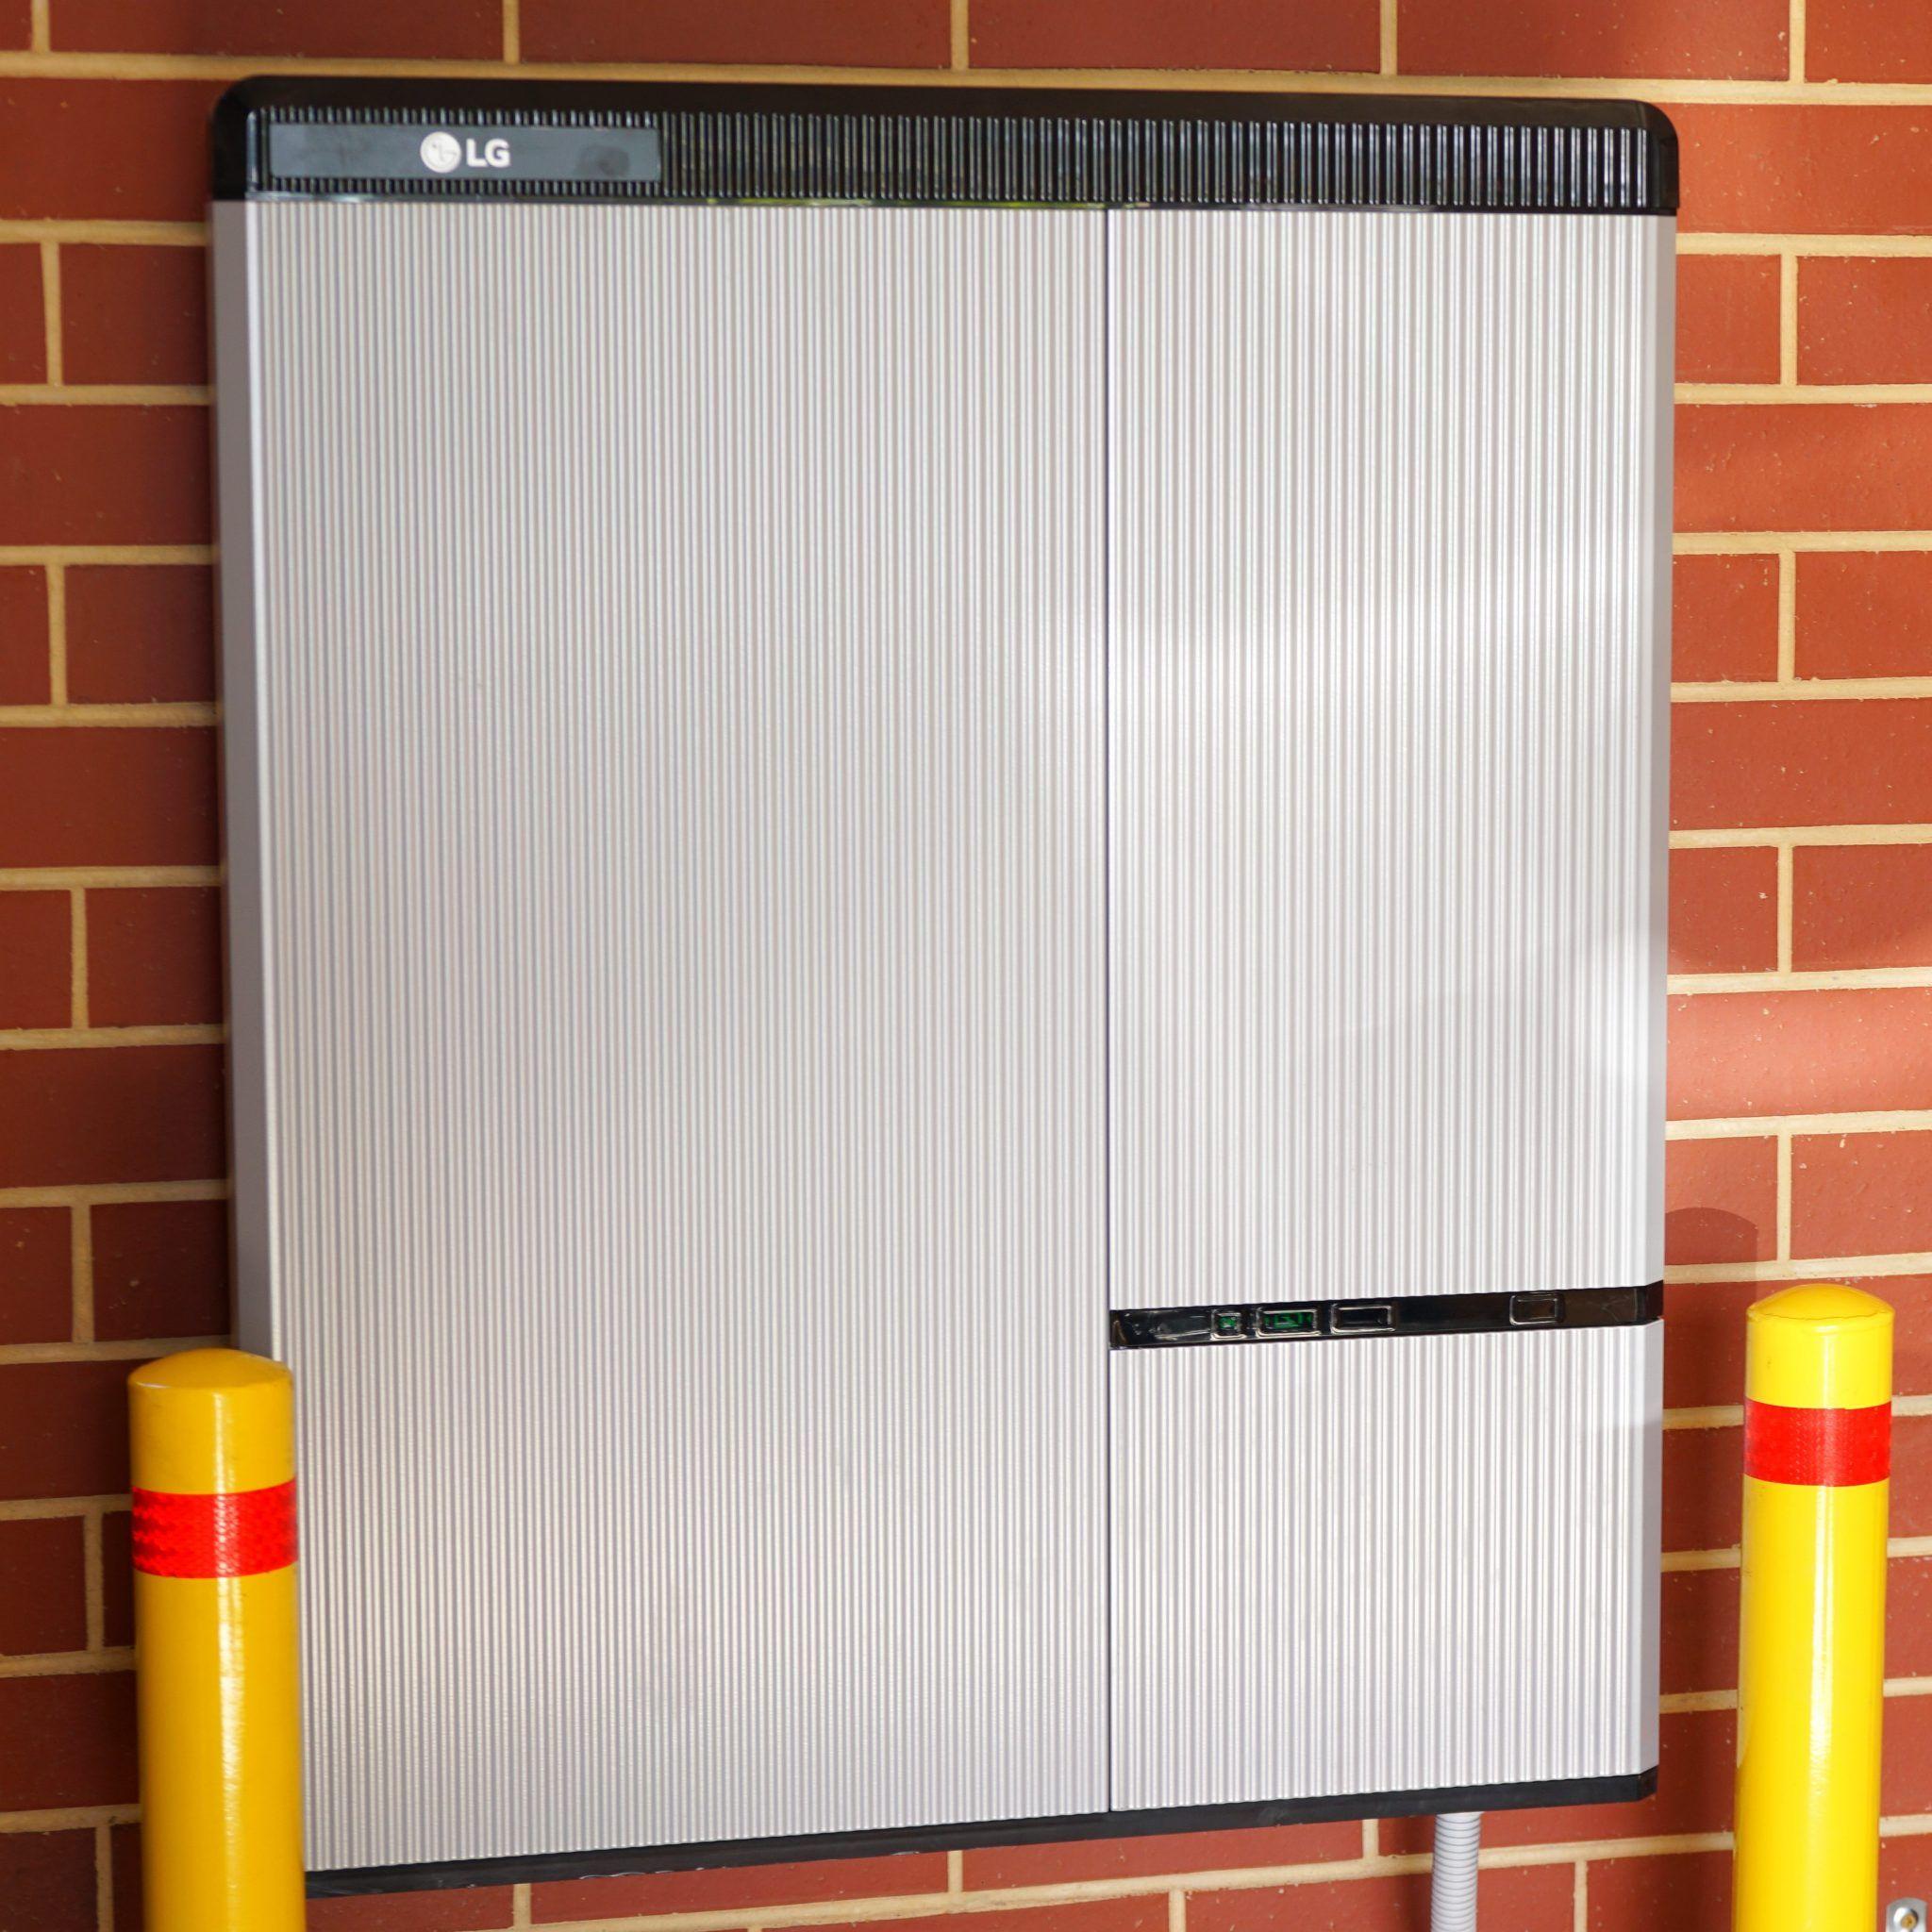 Vivim Solar ofereix bateries solars per a l'autoconsum energètic. FOTO: Cedida